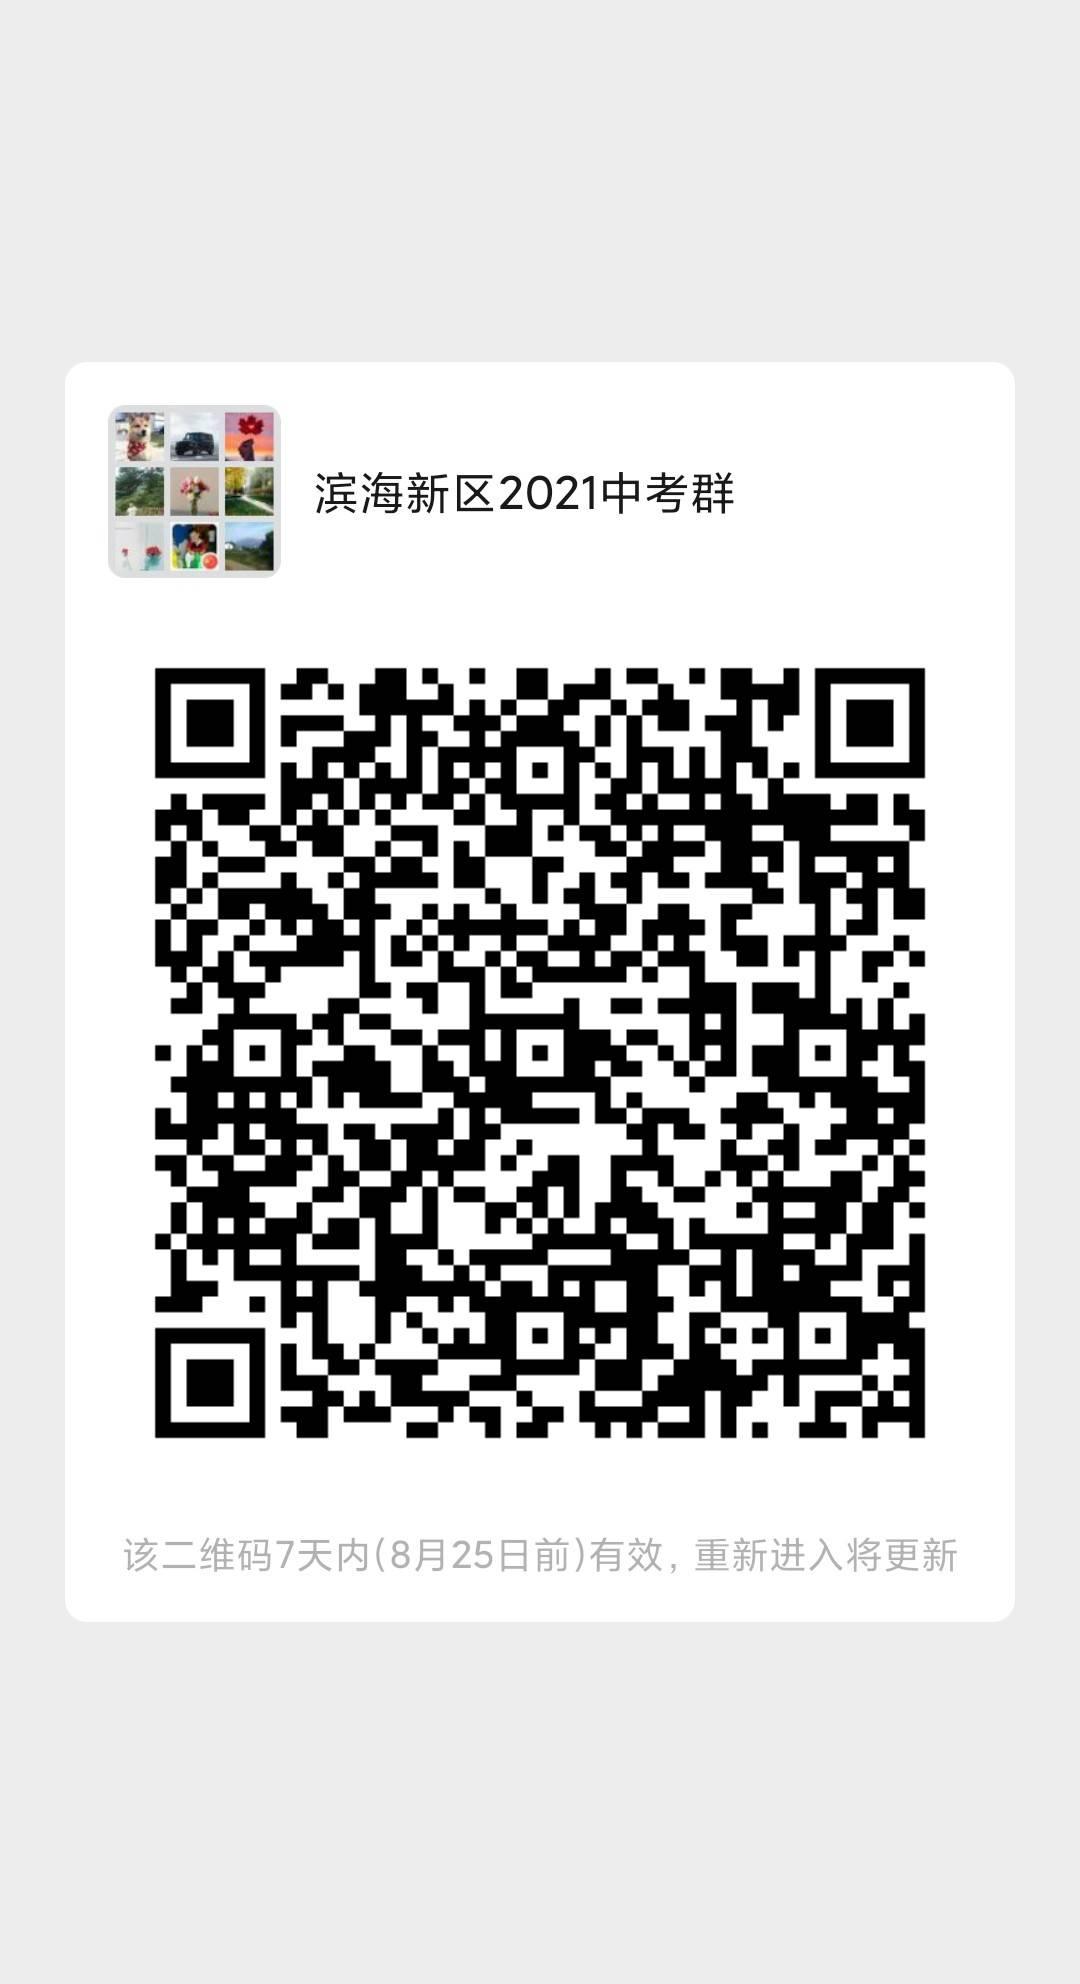 2020-08-18 07.08.46.jpg